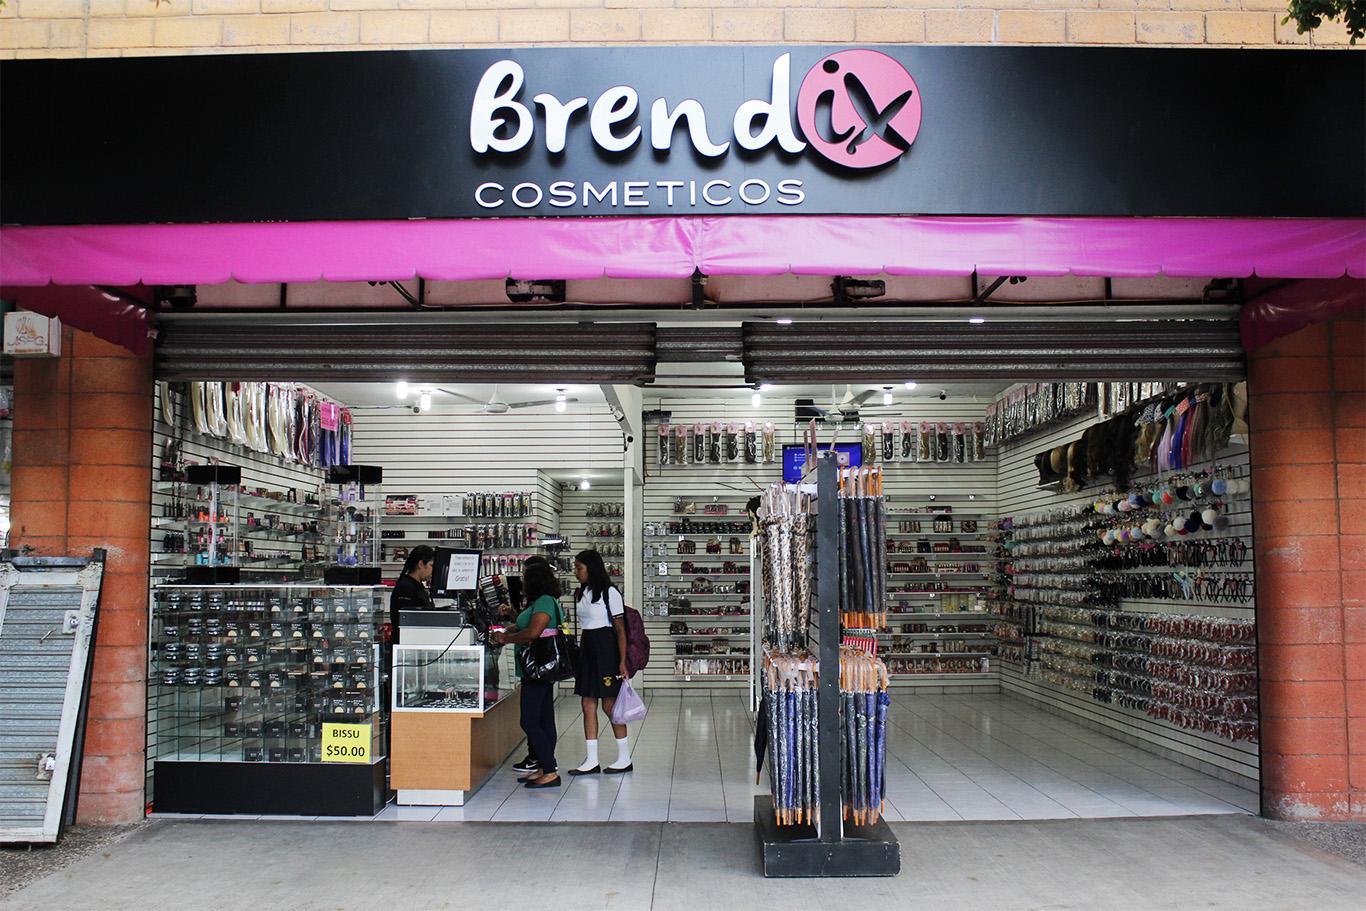 df1de8442 Encuentra lo que necesites en cosméticos y accesorios para dama, una gran  variedad de polvos, labiales, extensiones, pestañas, aretes, diademas, ...